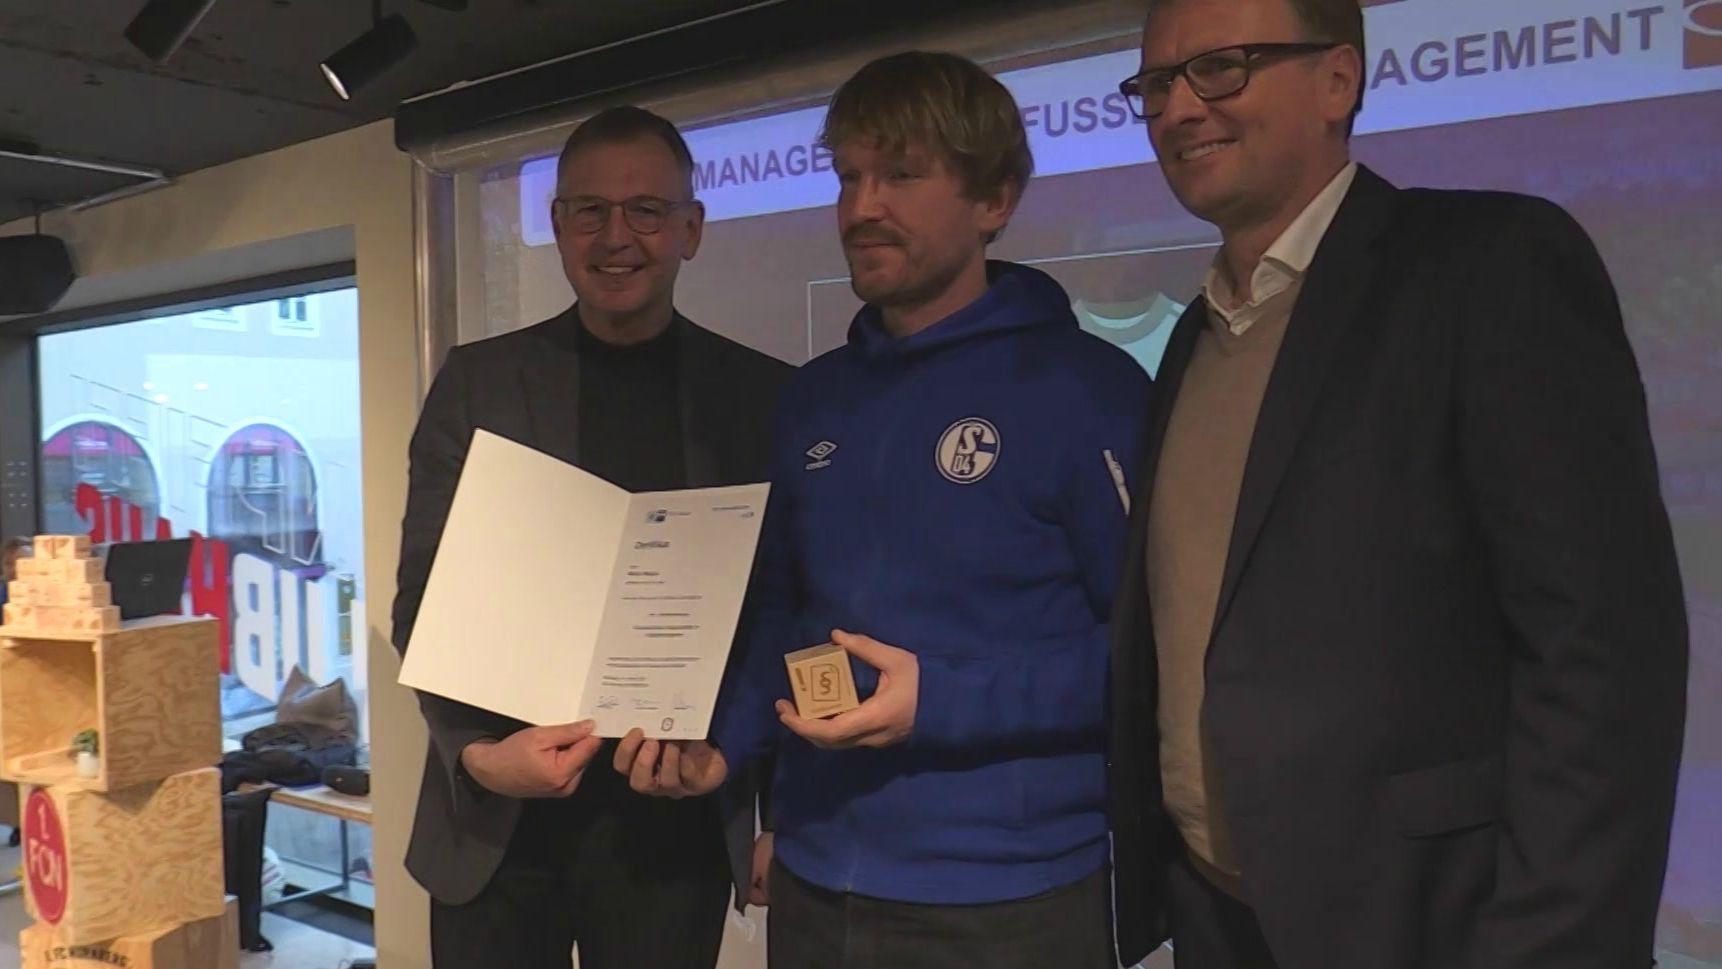 Ein CSR-Manager präsentiert sein Zertifikat der IHK Nürnberg